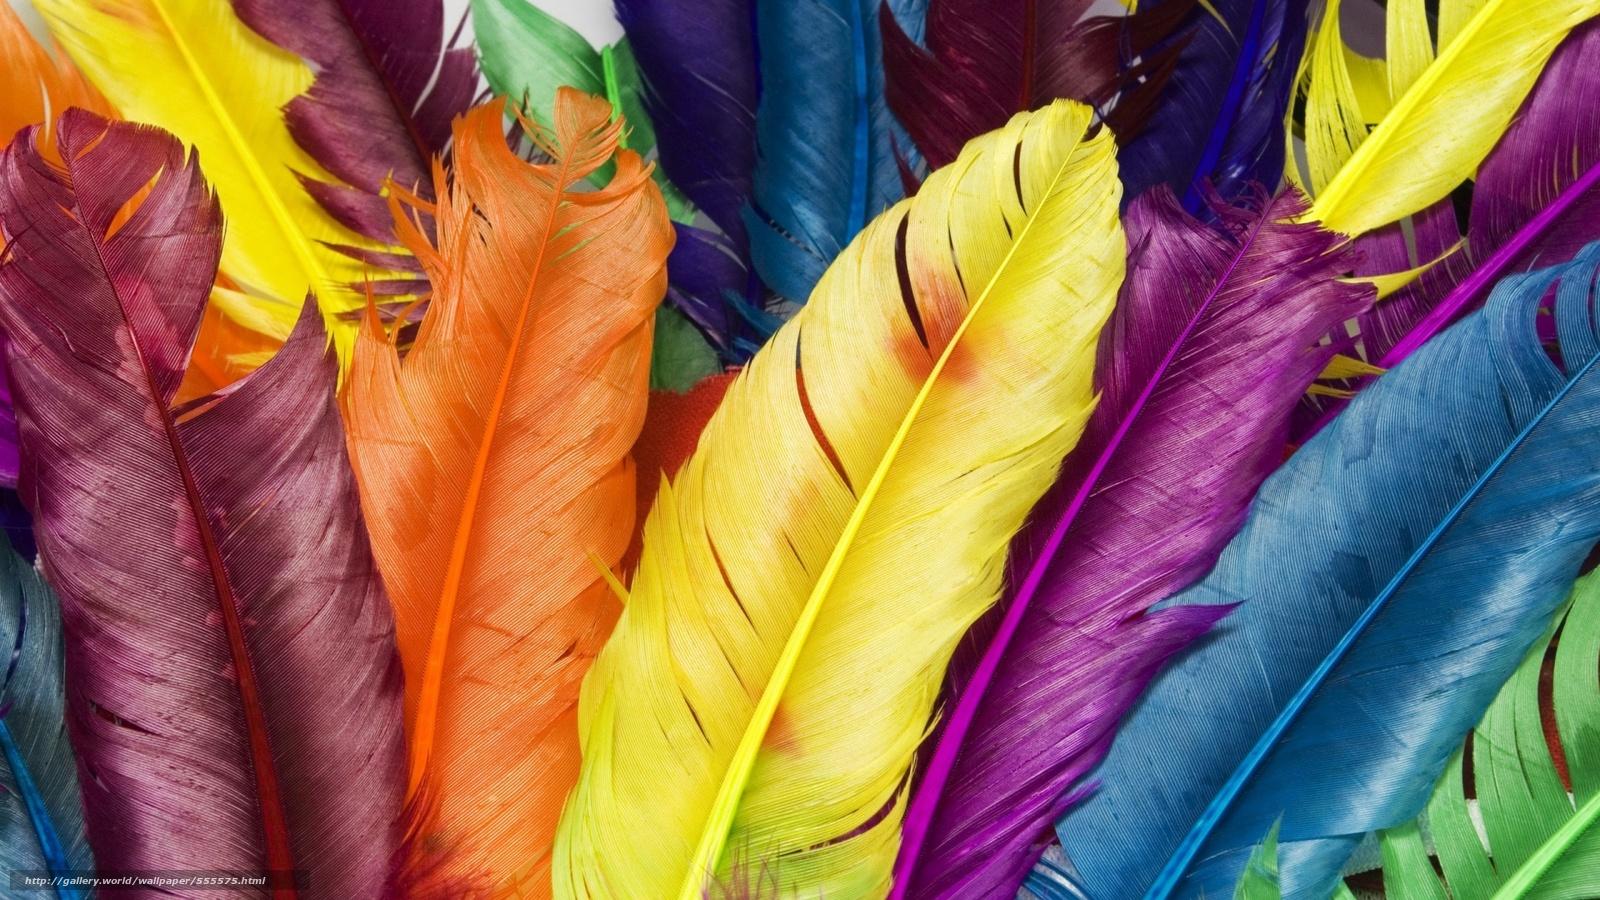 Скачать обои перья,  цвет,  радуга бесплатно для рабочего стола в разрешении 1920x1080 — картинка №555575